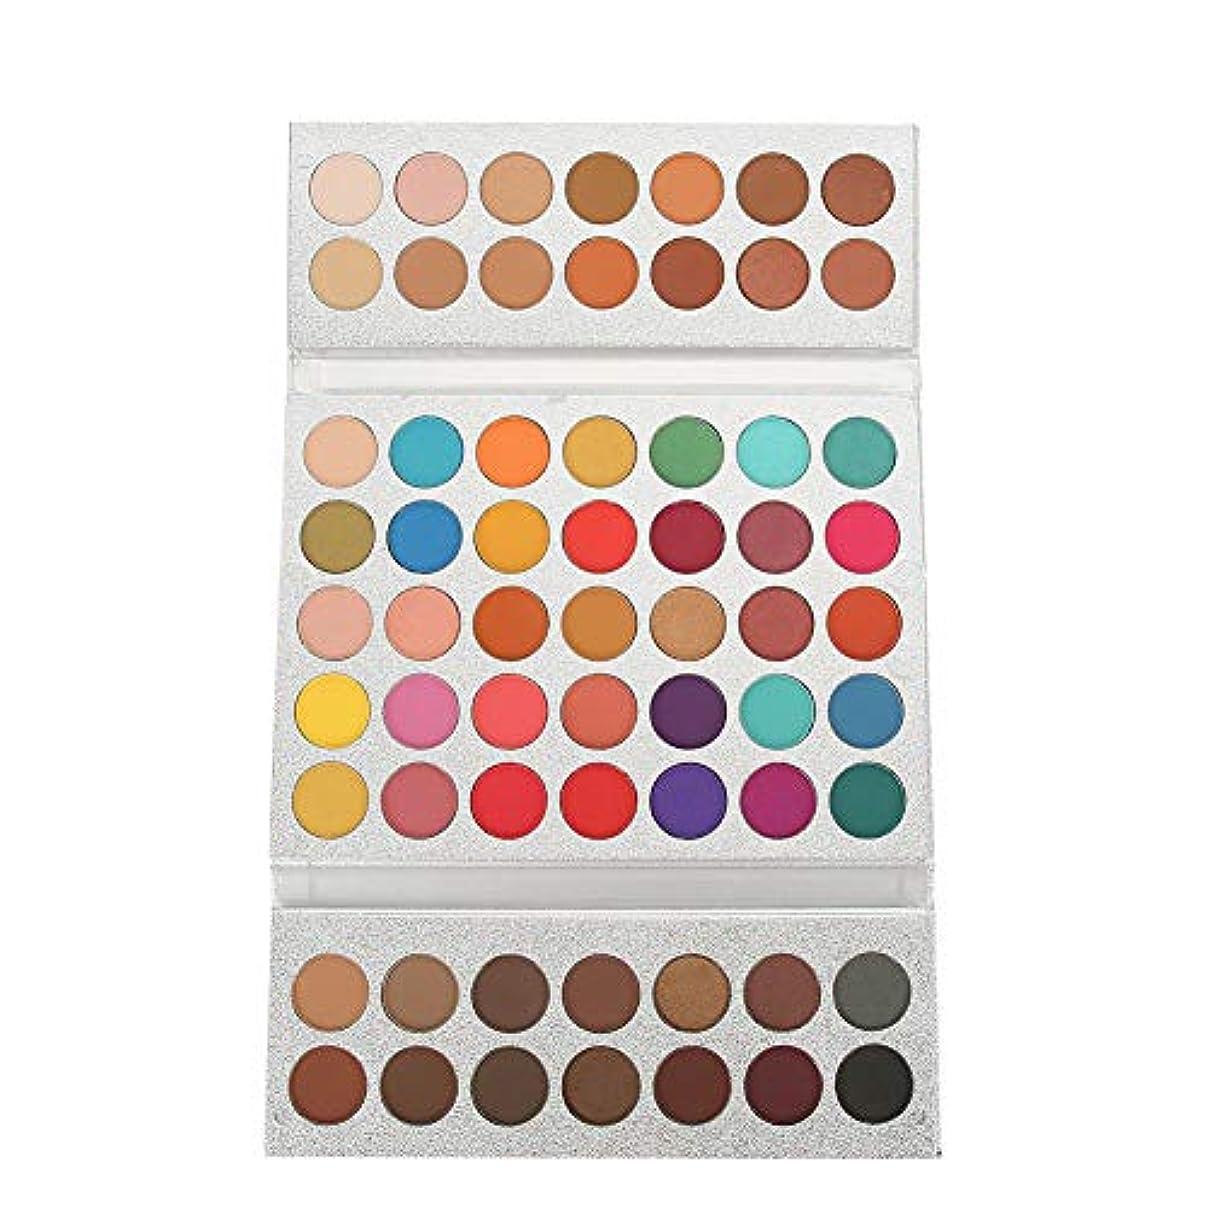 真空些細なの配列アイシャドウパレット63色、美容真珠光沢マットアイ化粧品メイクアップパレット